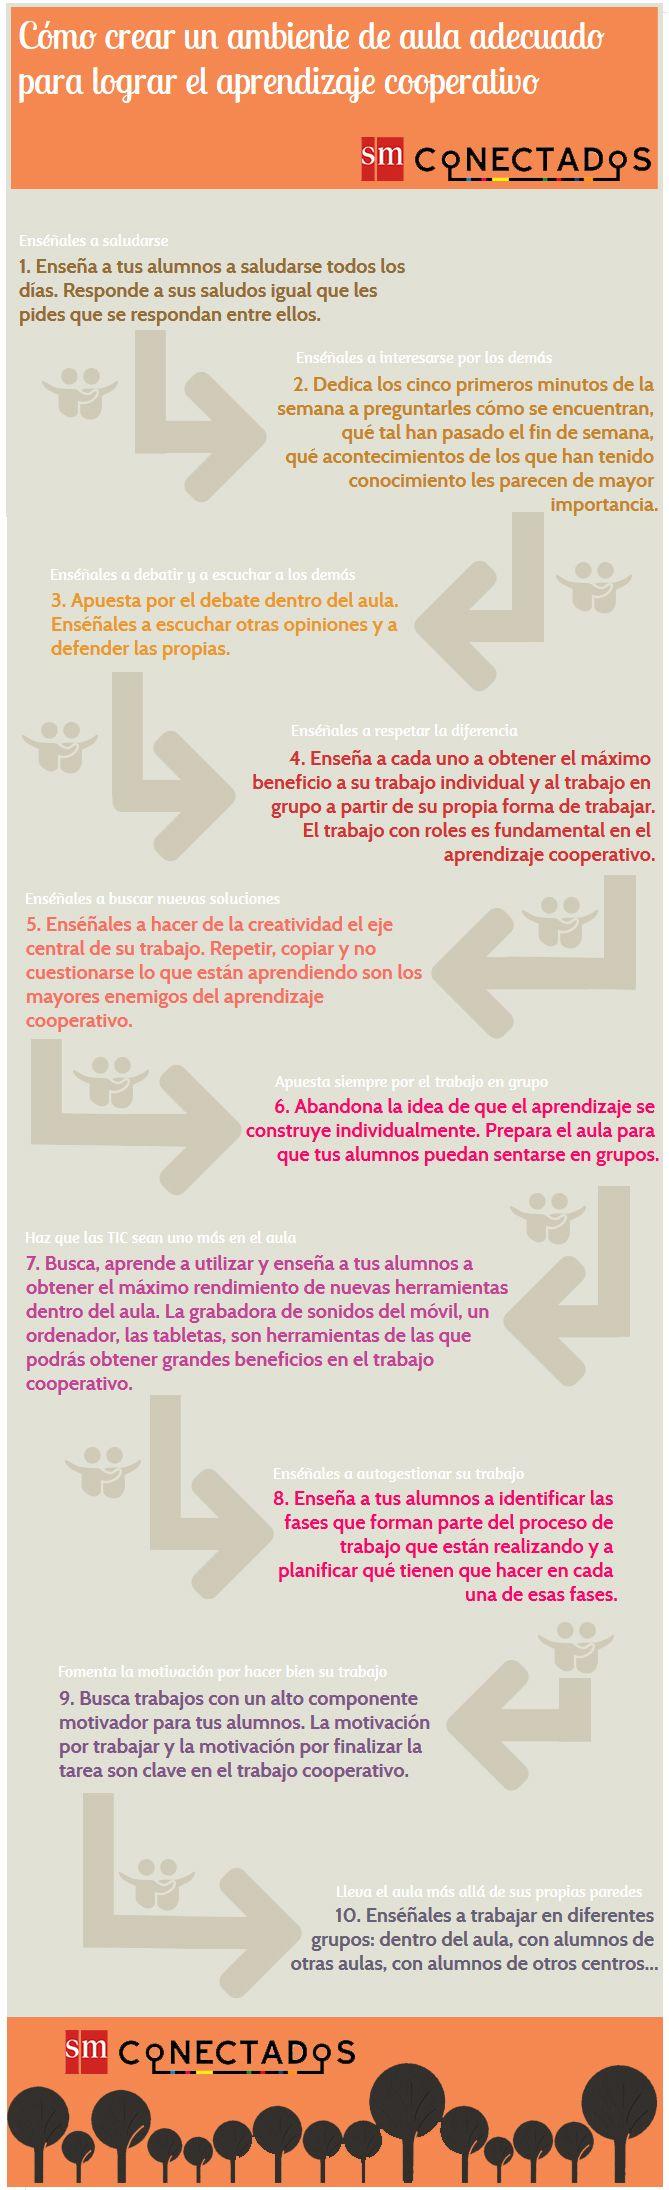 10 Consejos para crear un ambiente de aula adecuado para lograr el aprendizaje cooperativo.